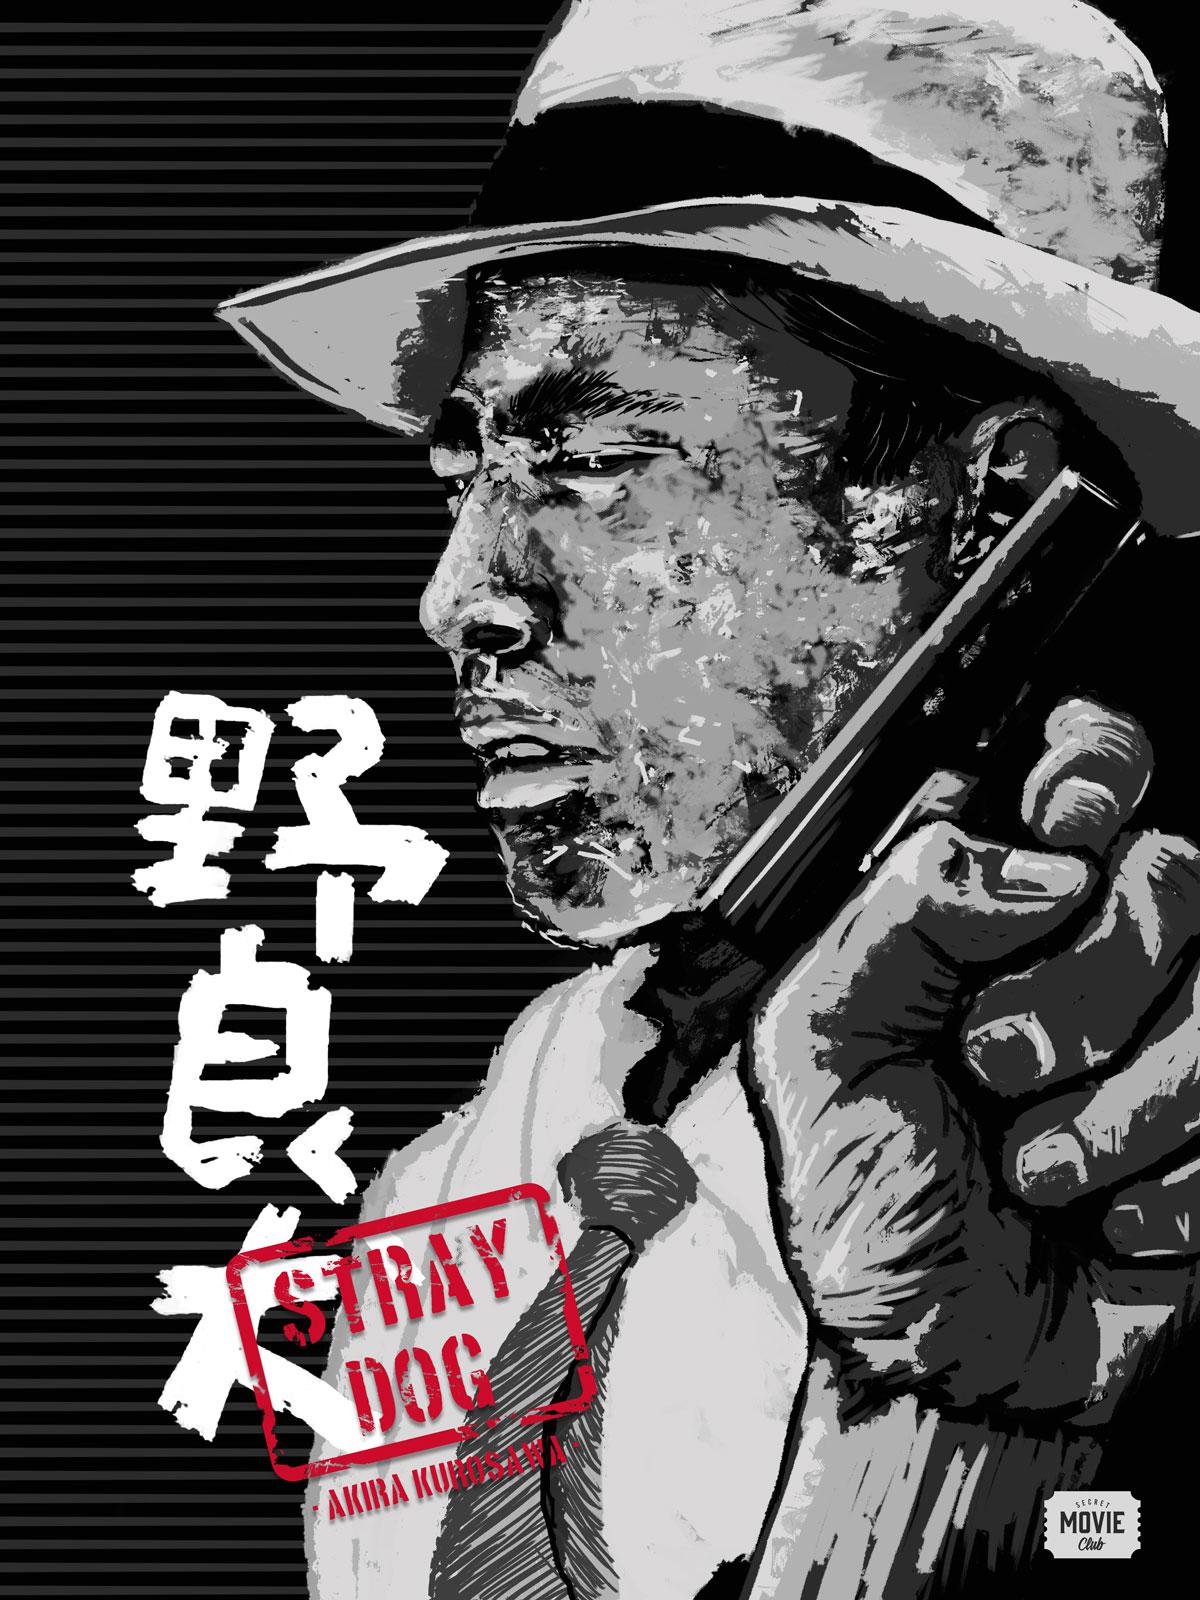 Stray Dog Alternative Movie Poster